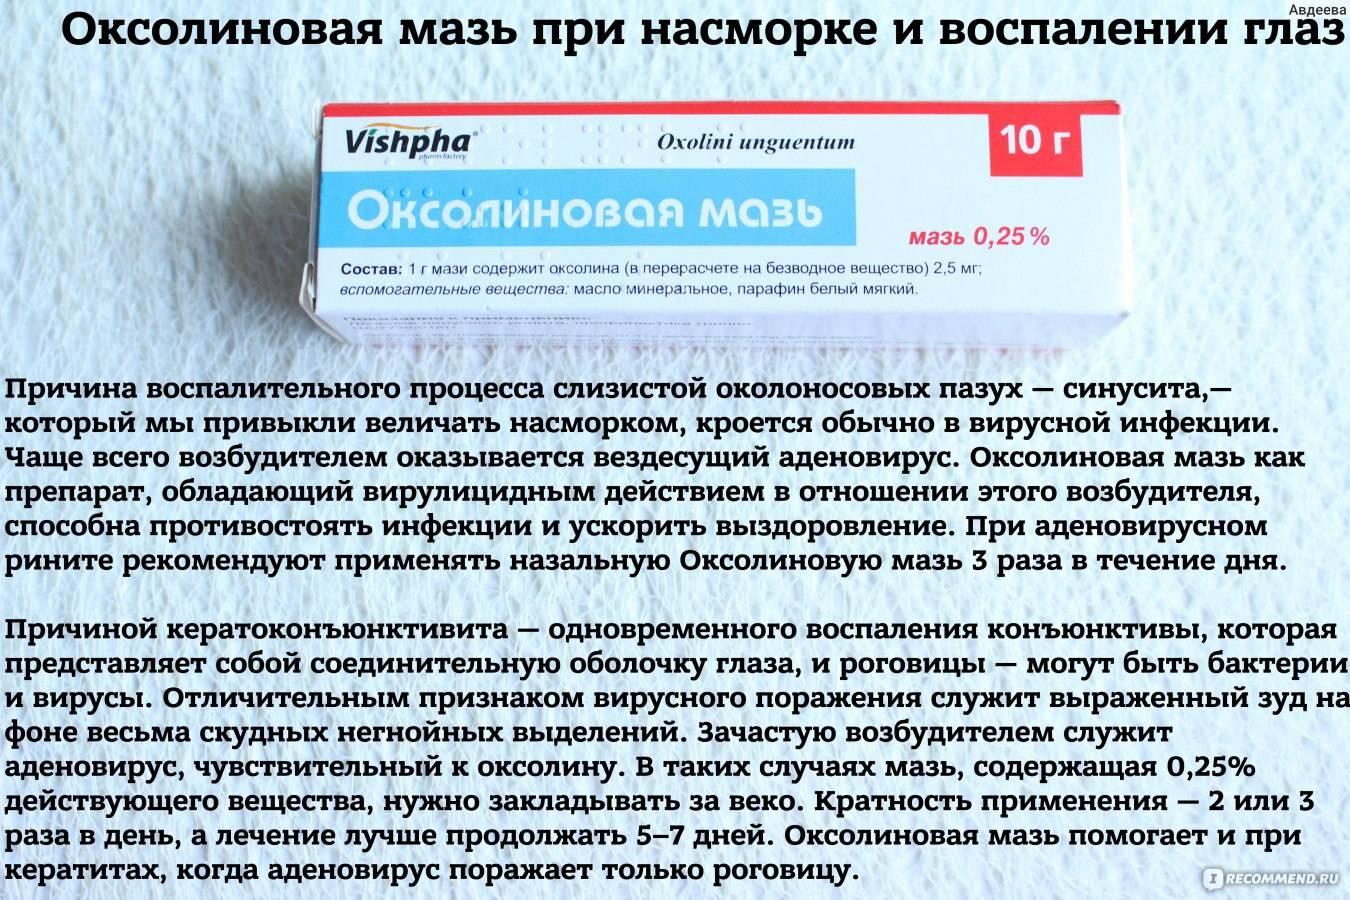 Оксолиновая мазь - применение для глаз, цена, отзывы